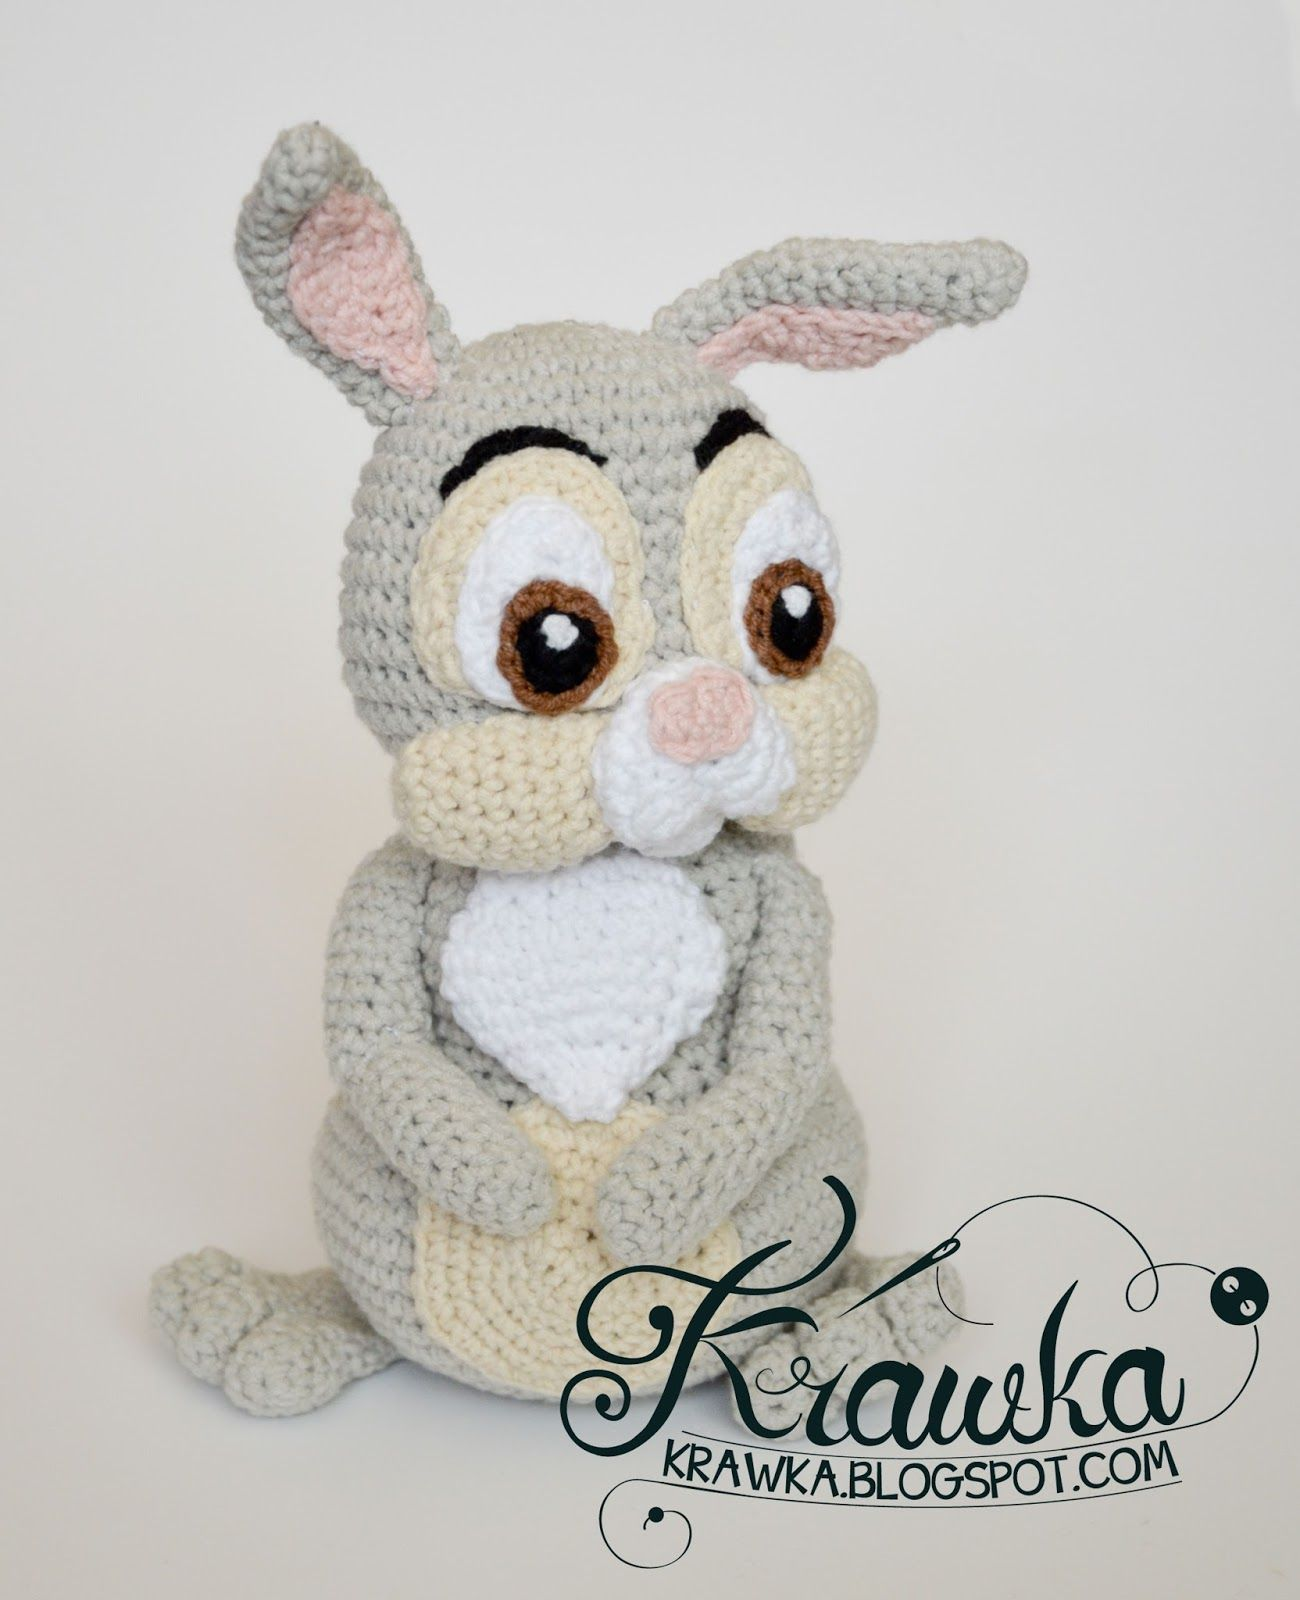 Krawka: Easter Thumper Rabbit from Bambi Disney movie crochet ...